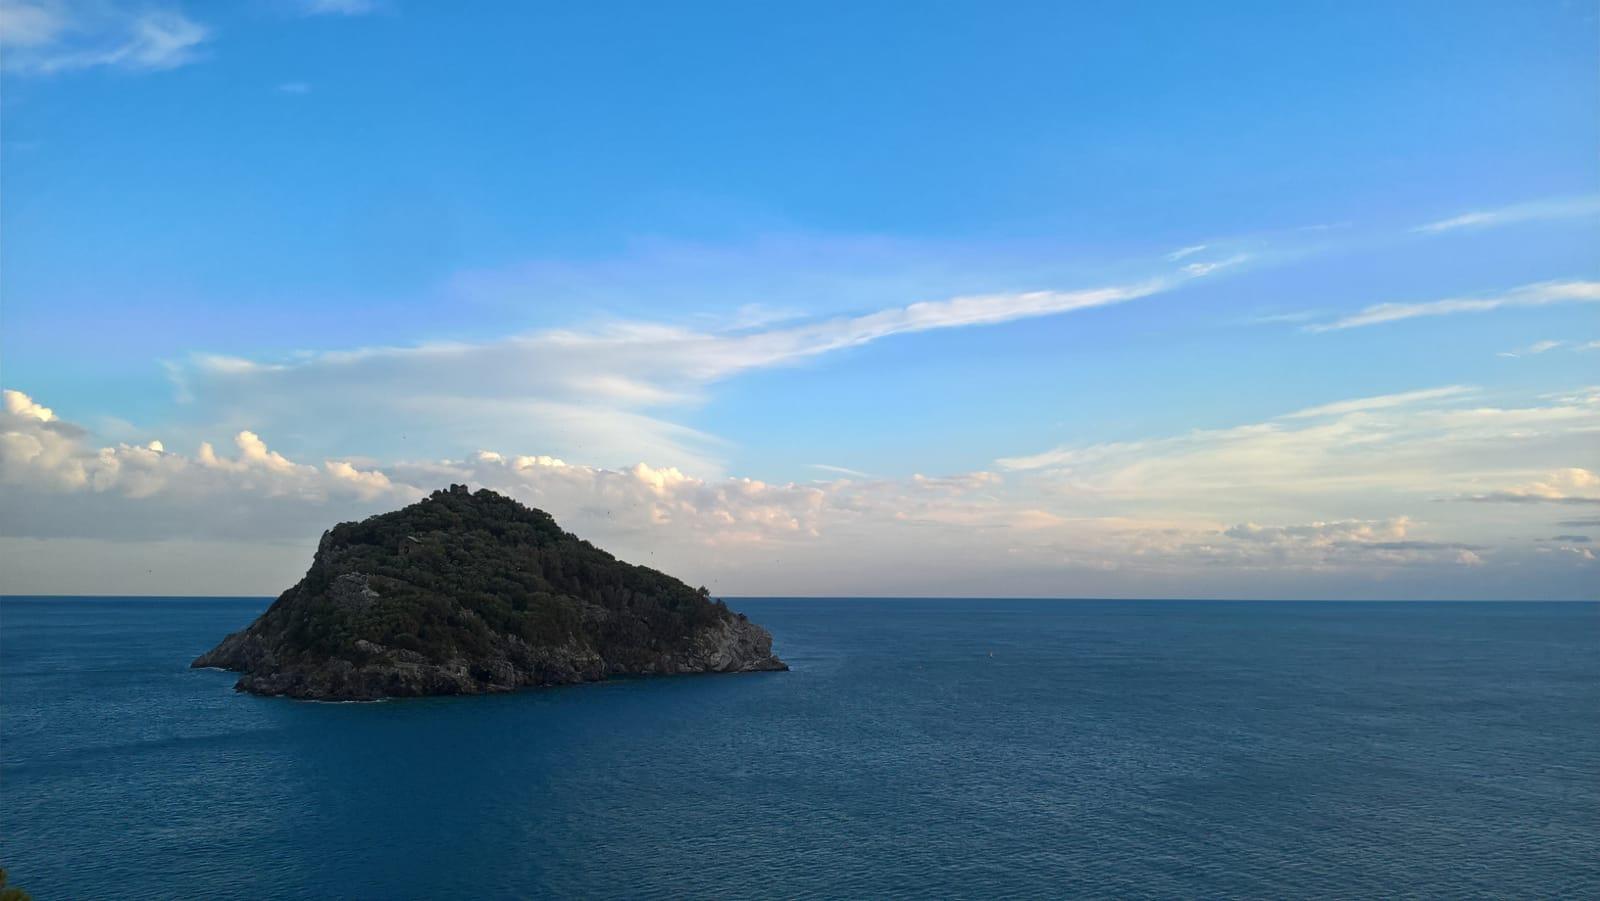 l'isola che c'è......